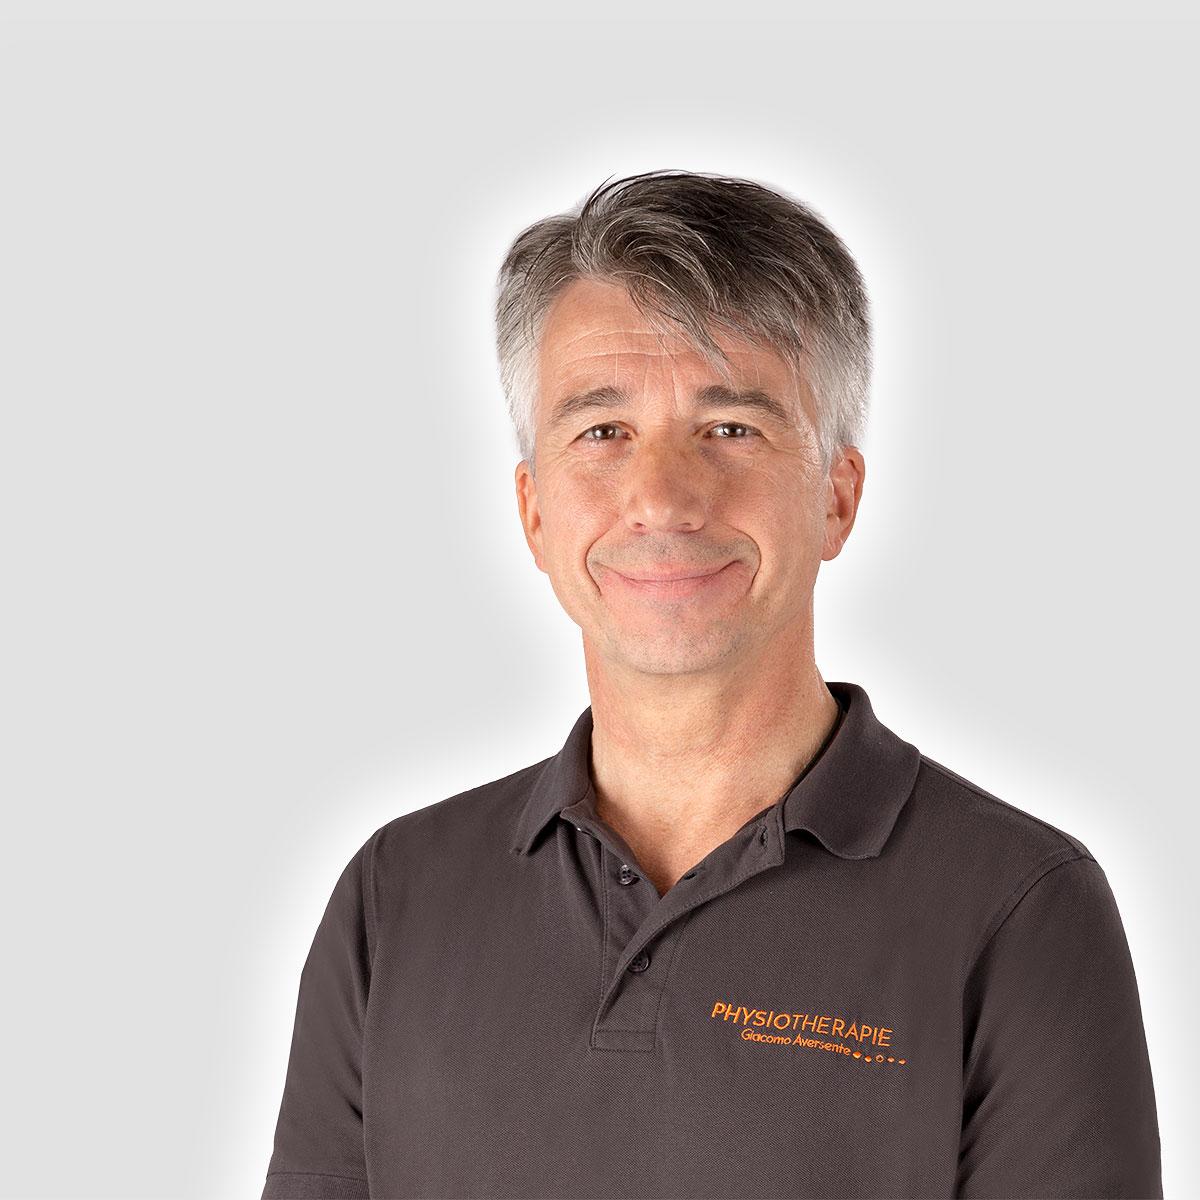 Ralf Haarich